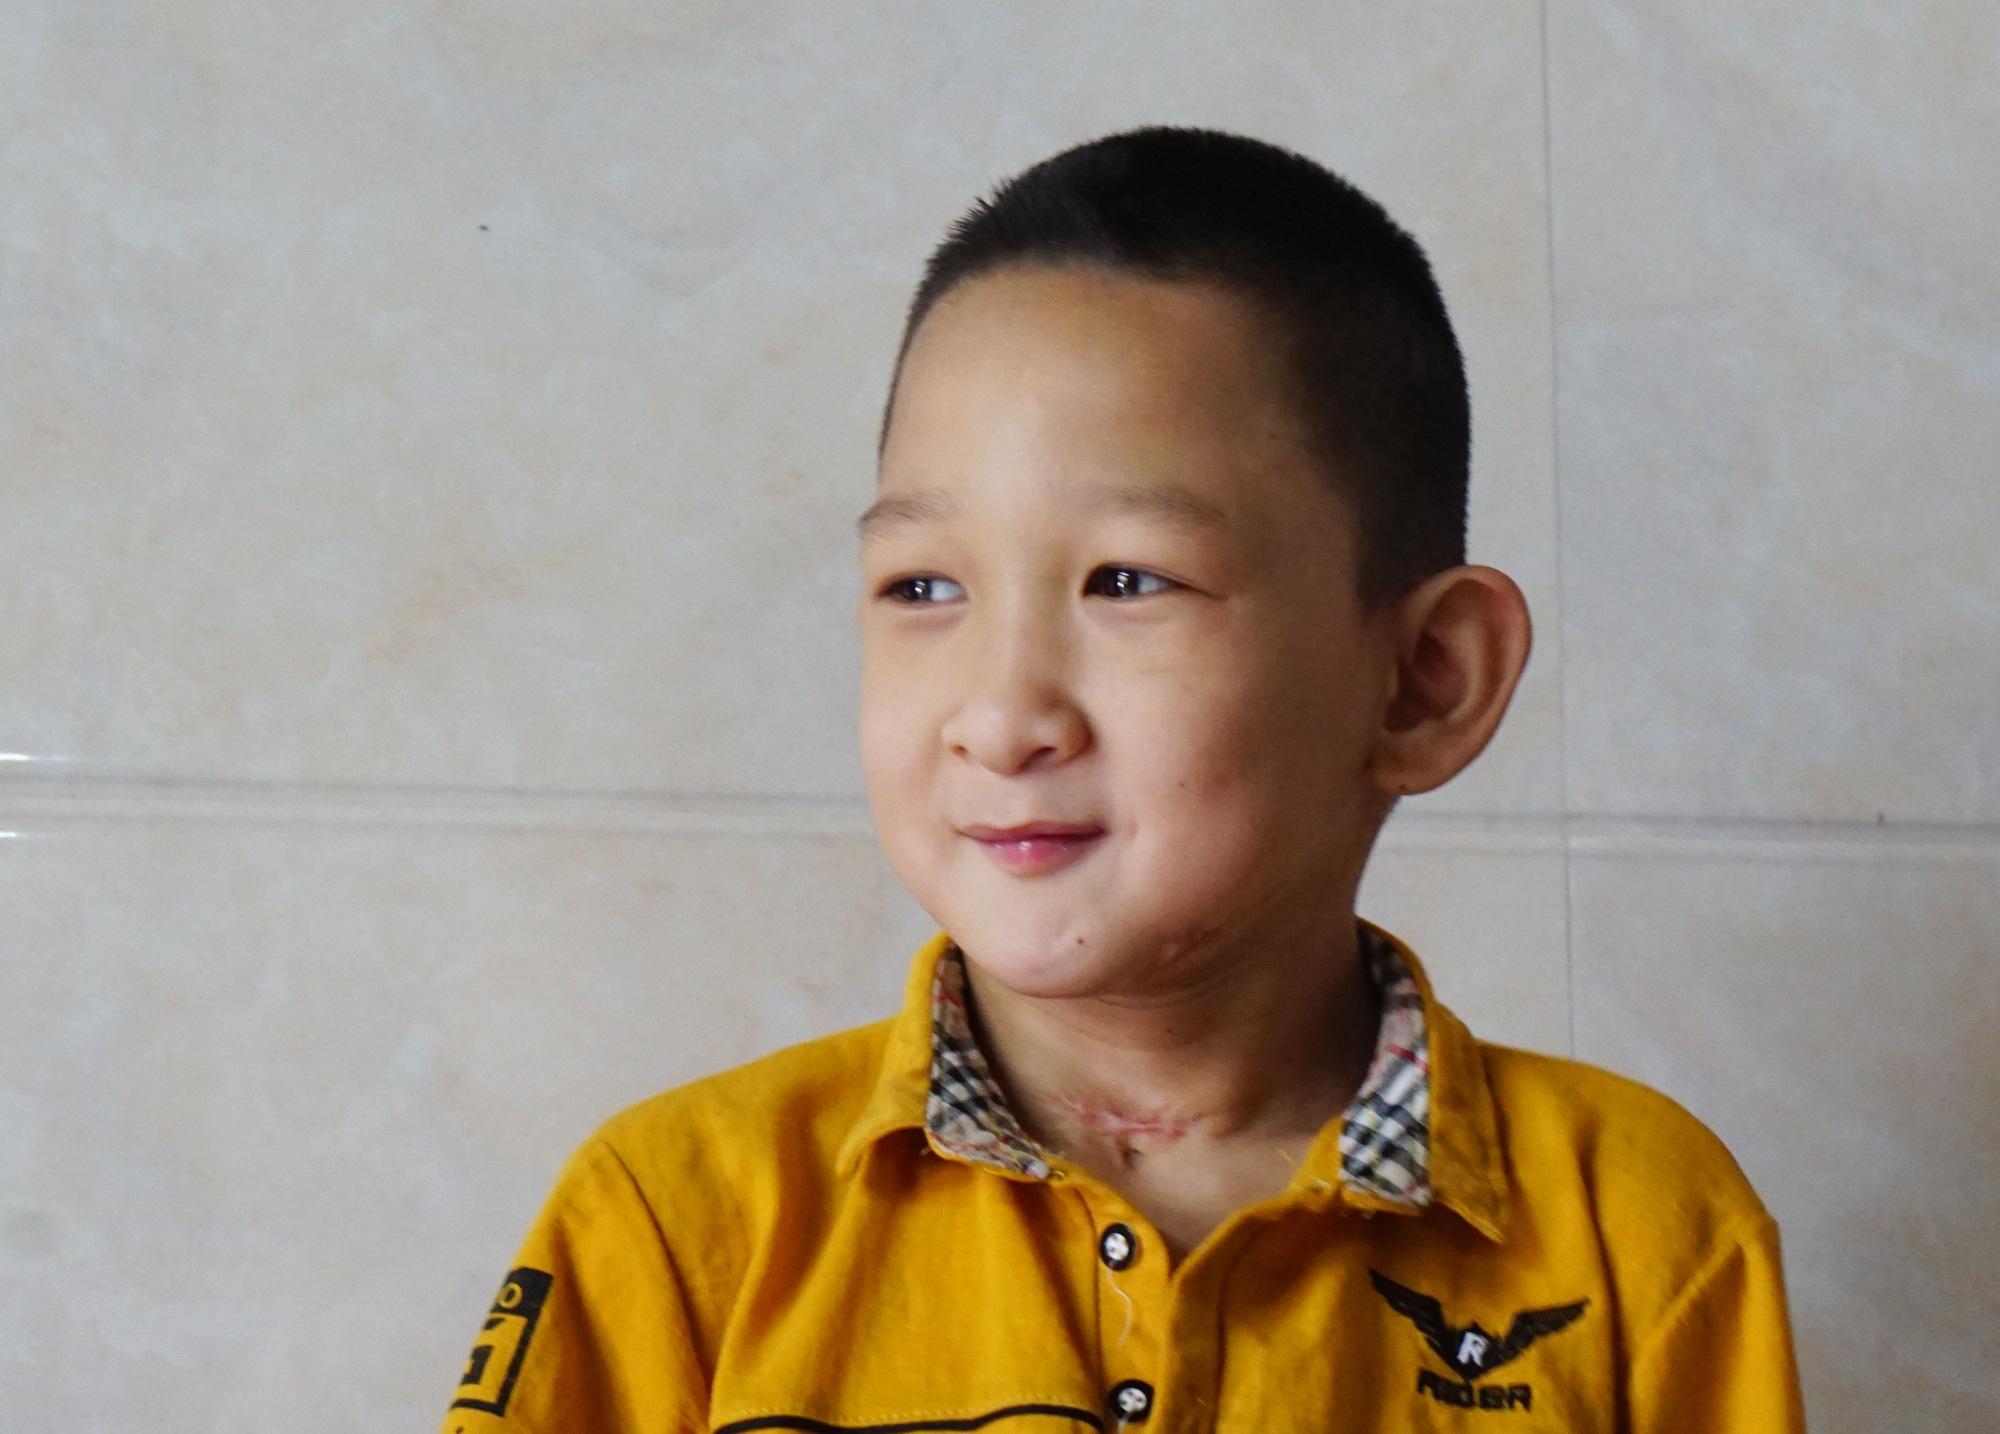 Hành trình hồi sinh đầy gian nan của cậu bé đa dị tật 2 lần bị bỏ rơi - 1